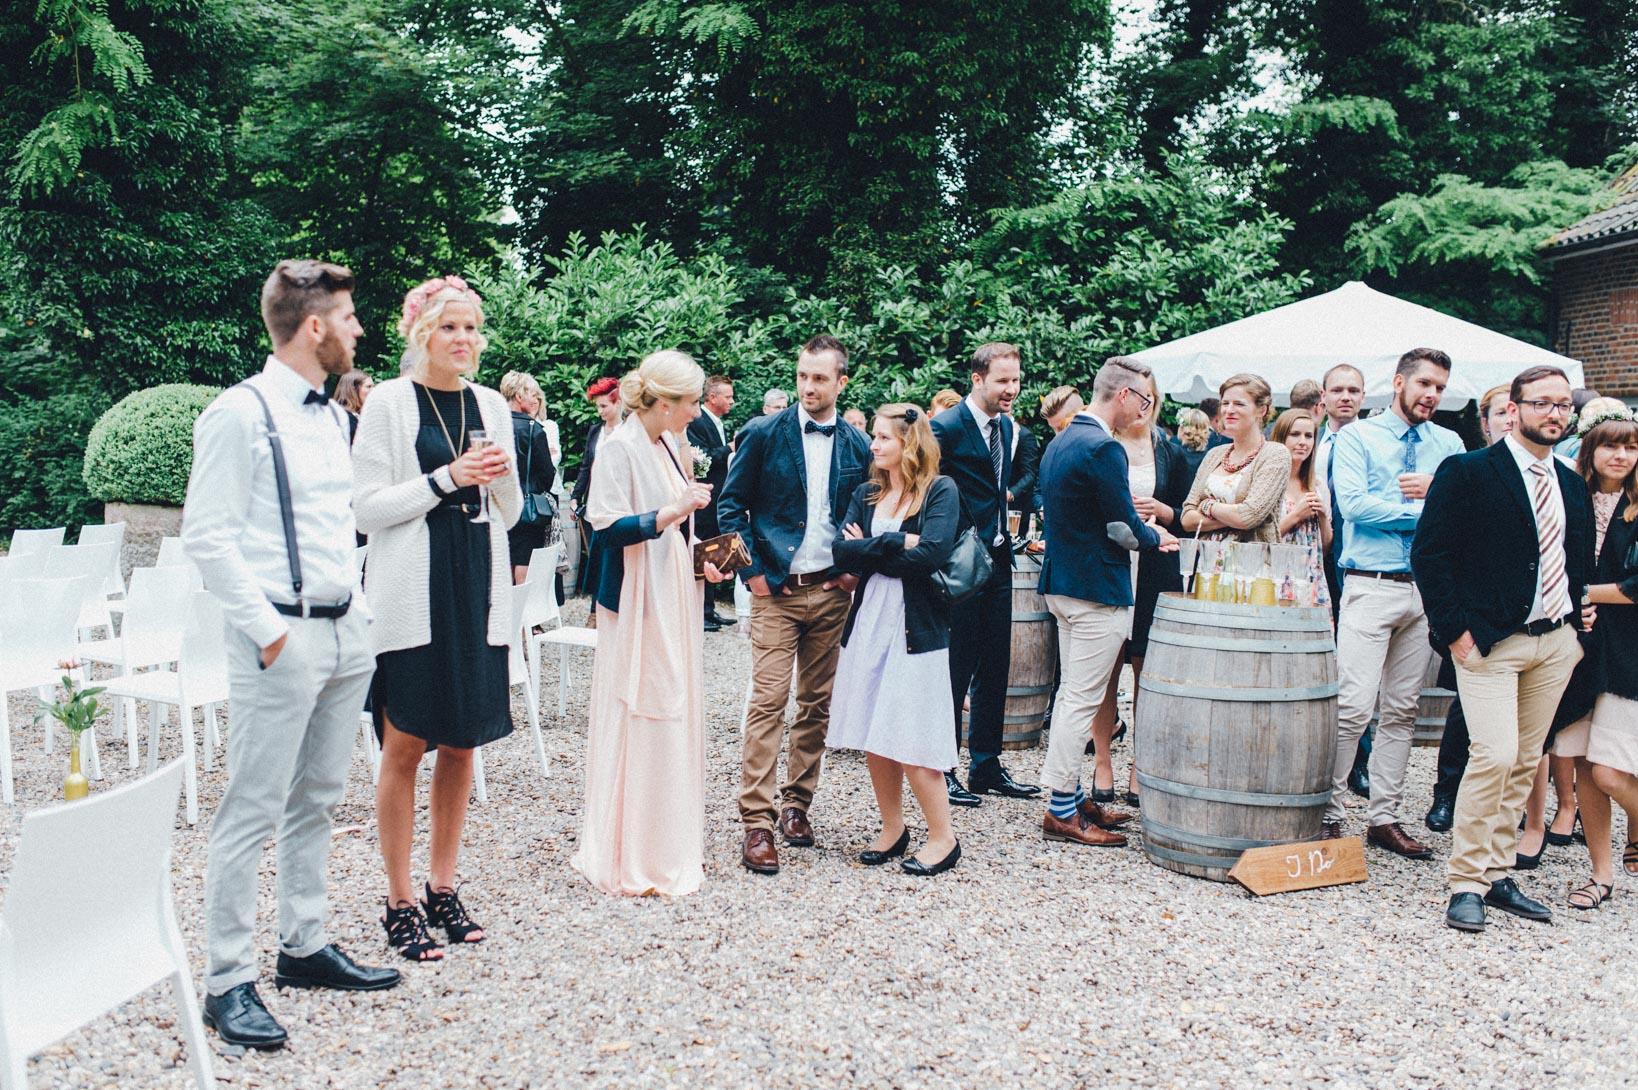 DIY-Hochzeit-gold-VW-Bully-76 Janet & Pierre DIY Midsummer-Wedding in Gold mit VW BulliDIY Hochzeit gold VW Bully 76